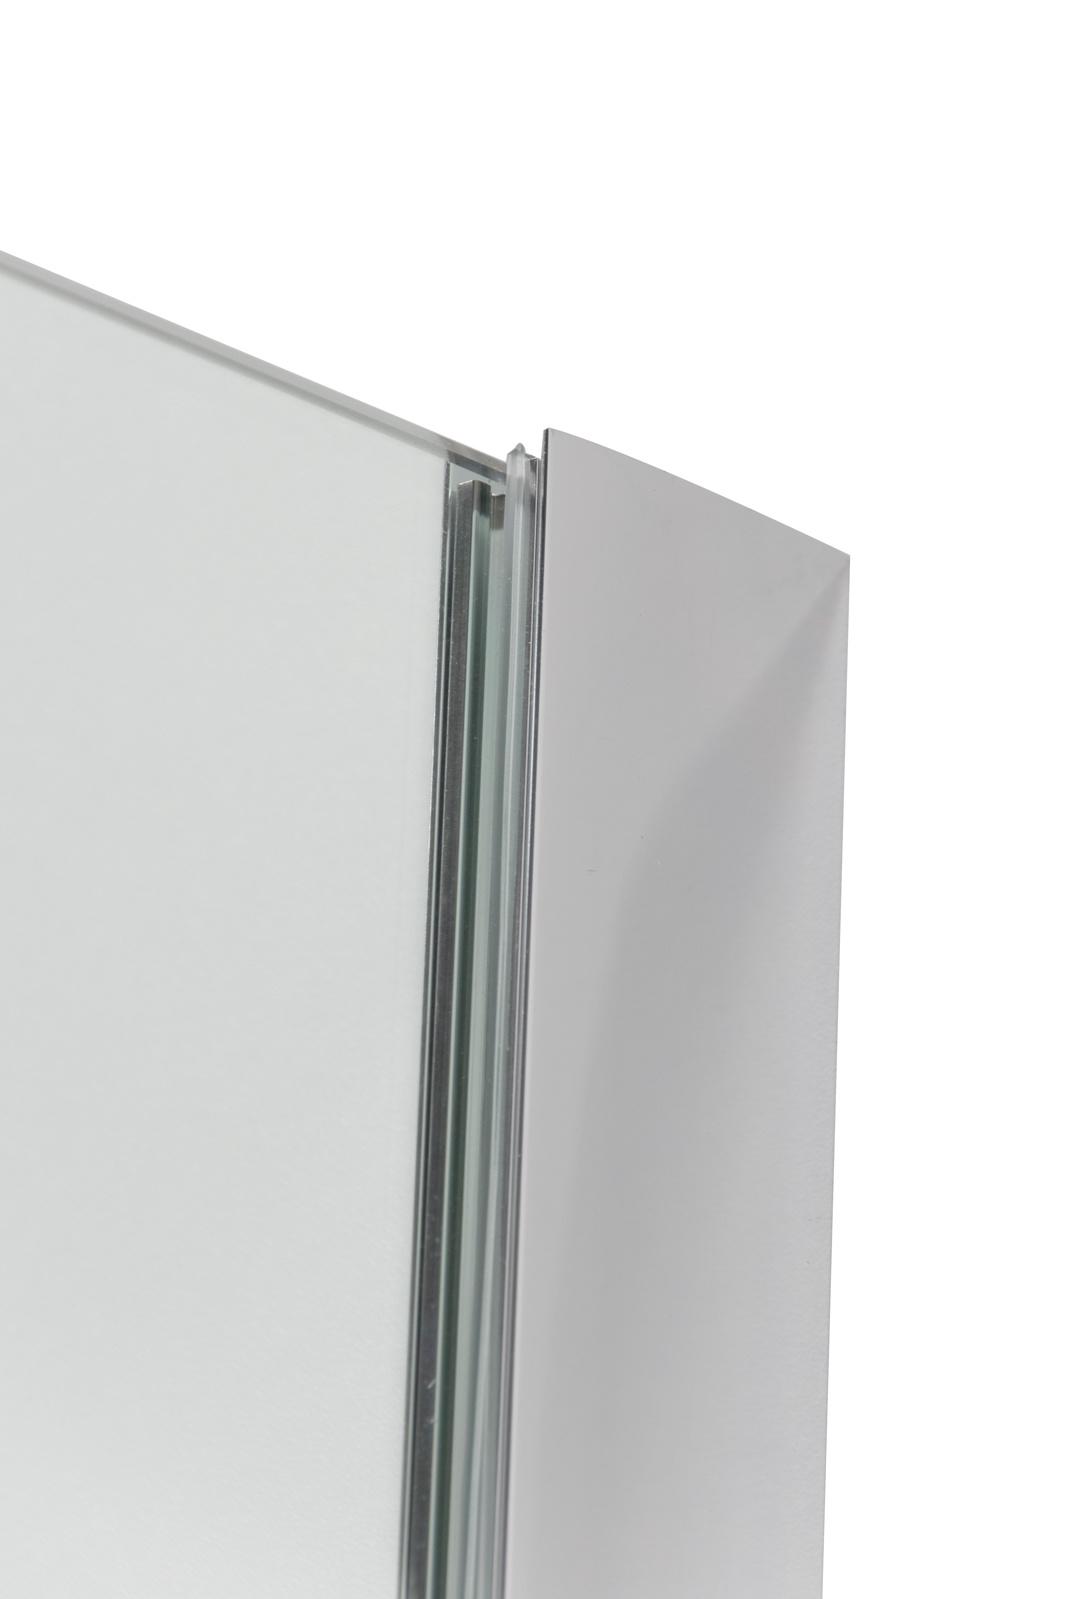 Linea Uno Inloopdouche Göteborg Nano 100 x 200 cm